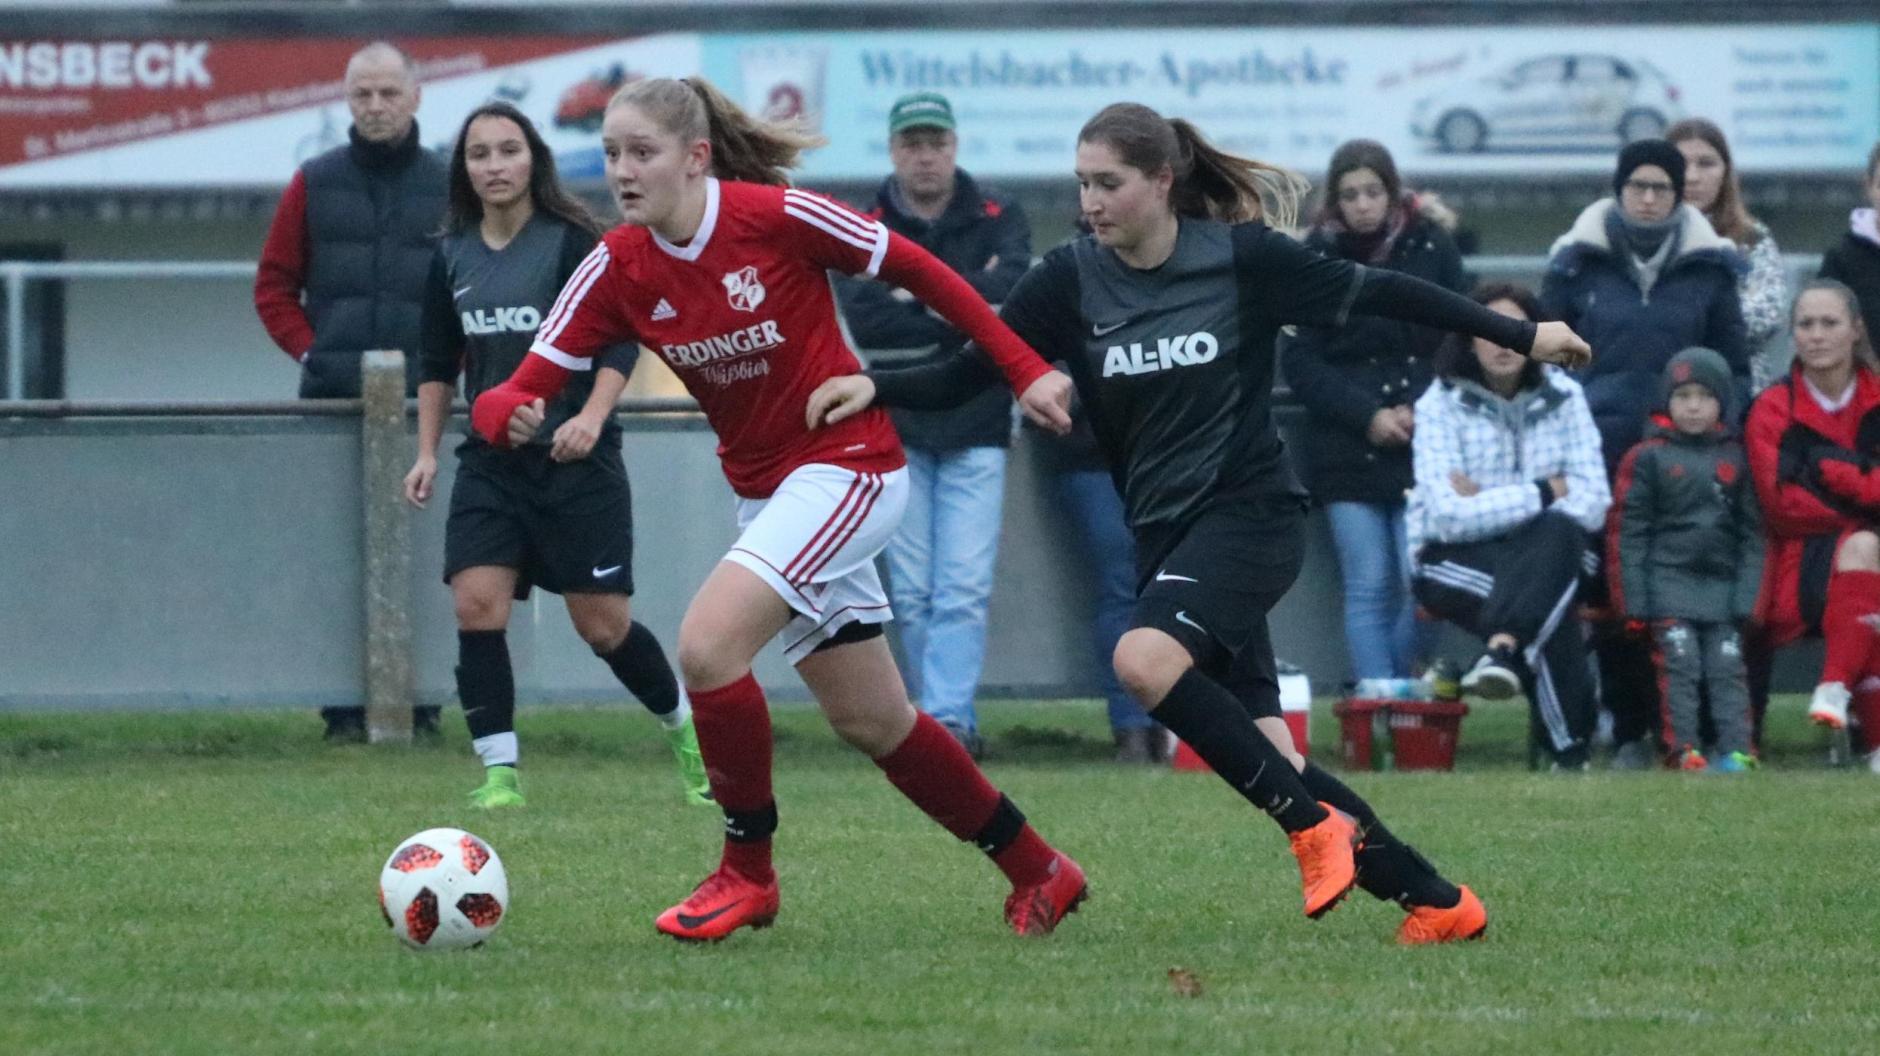 Sv Liebertwolkwitz Fußball